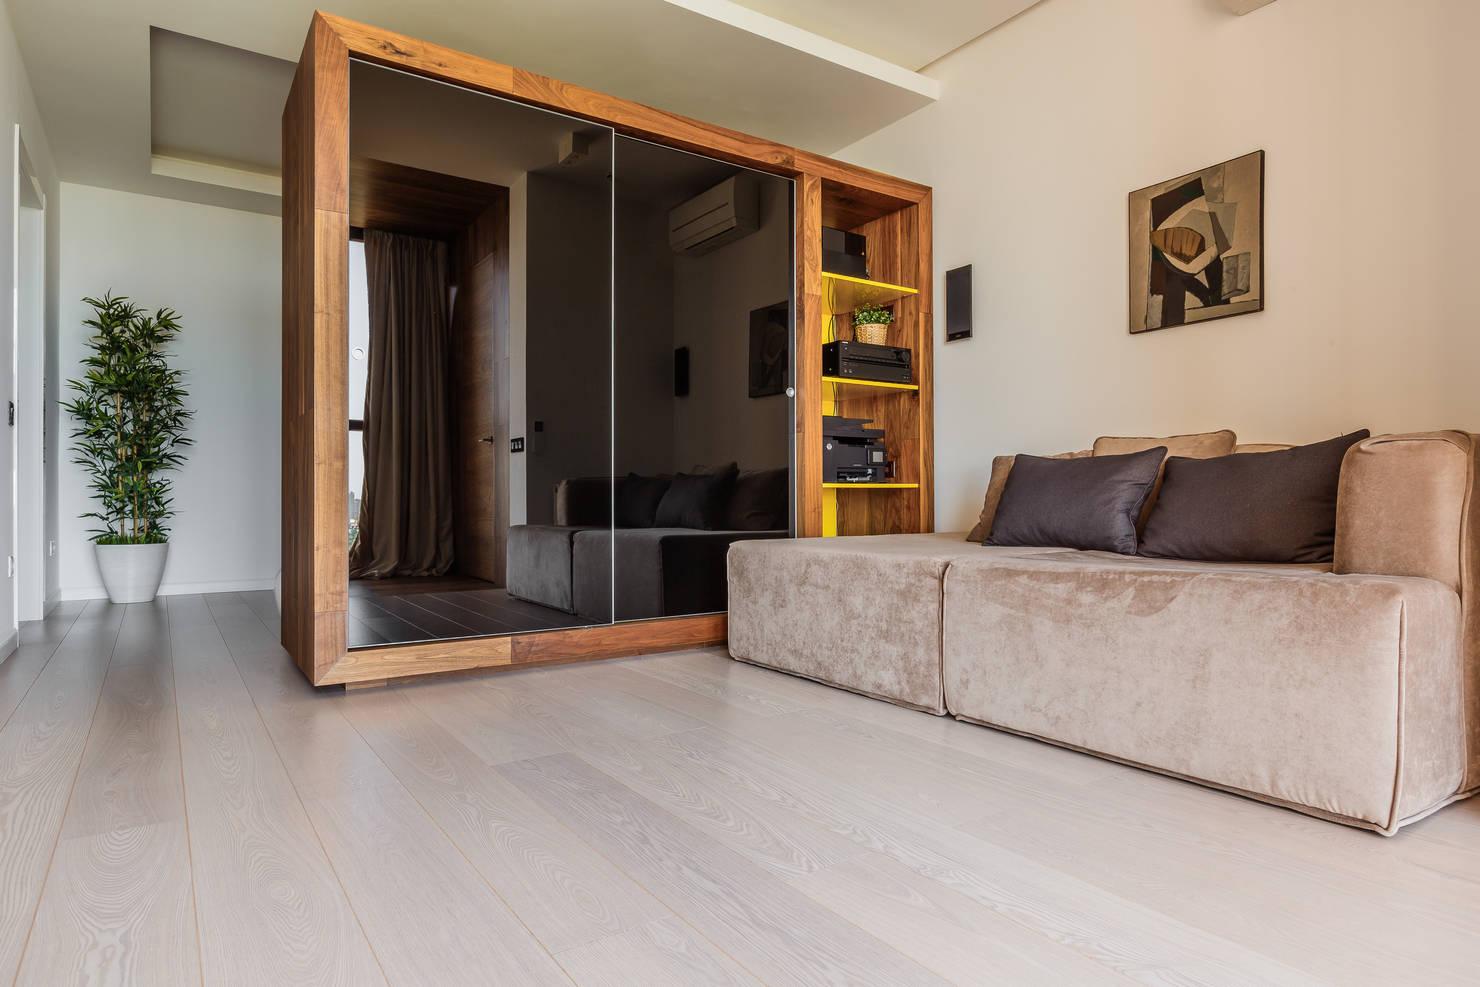 Дизайн двухкомнатной квартиры площадью 56 кв. метров- фотографии